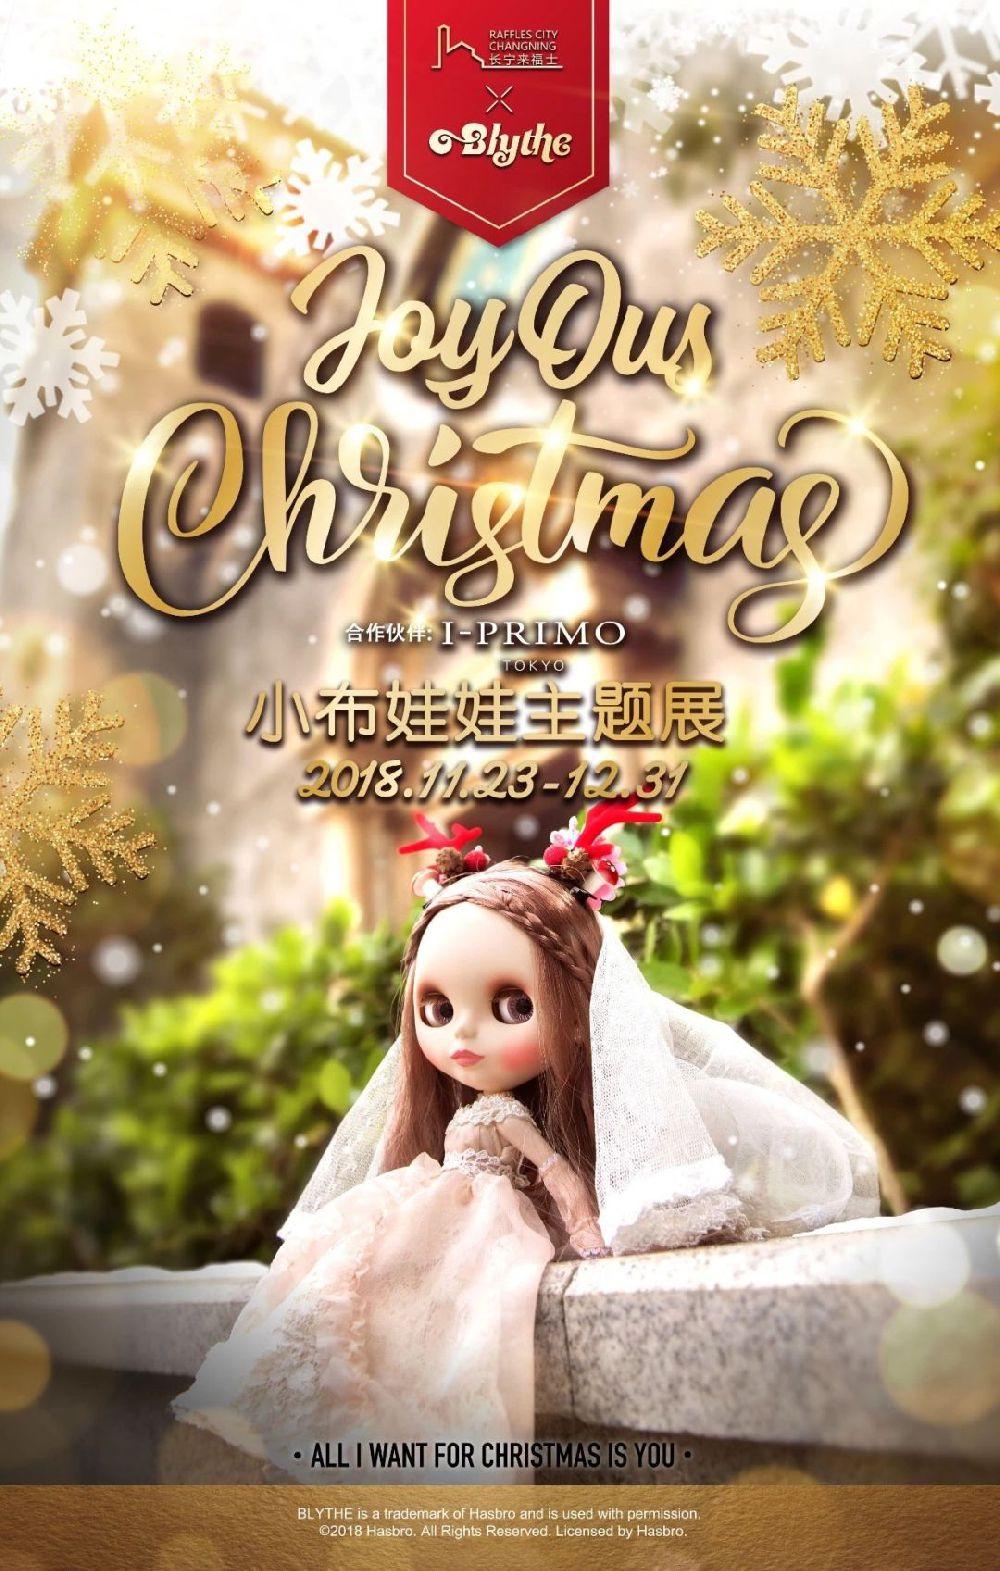 上海小布娃娃主题展时间 地点 门票